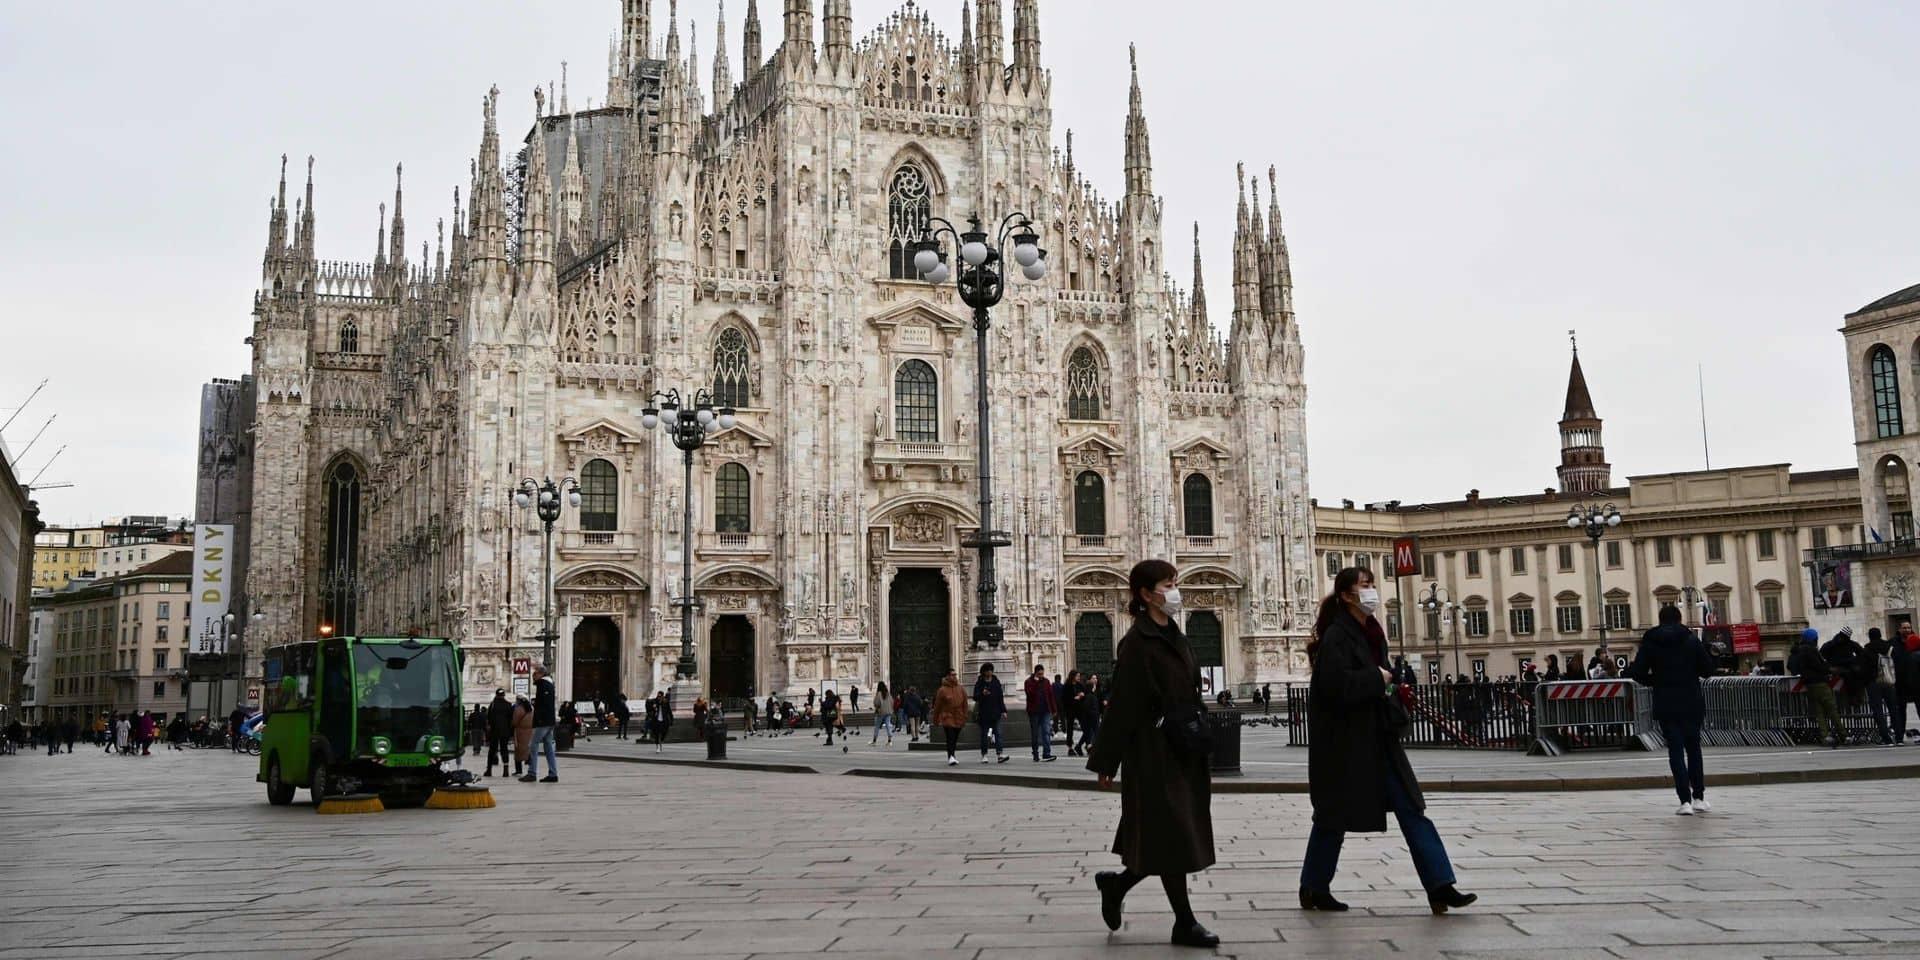 Des erreurs ? Des critiques émergent sur la gestion de la crise du coronavirus en Italie